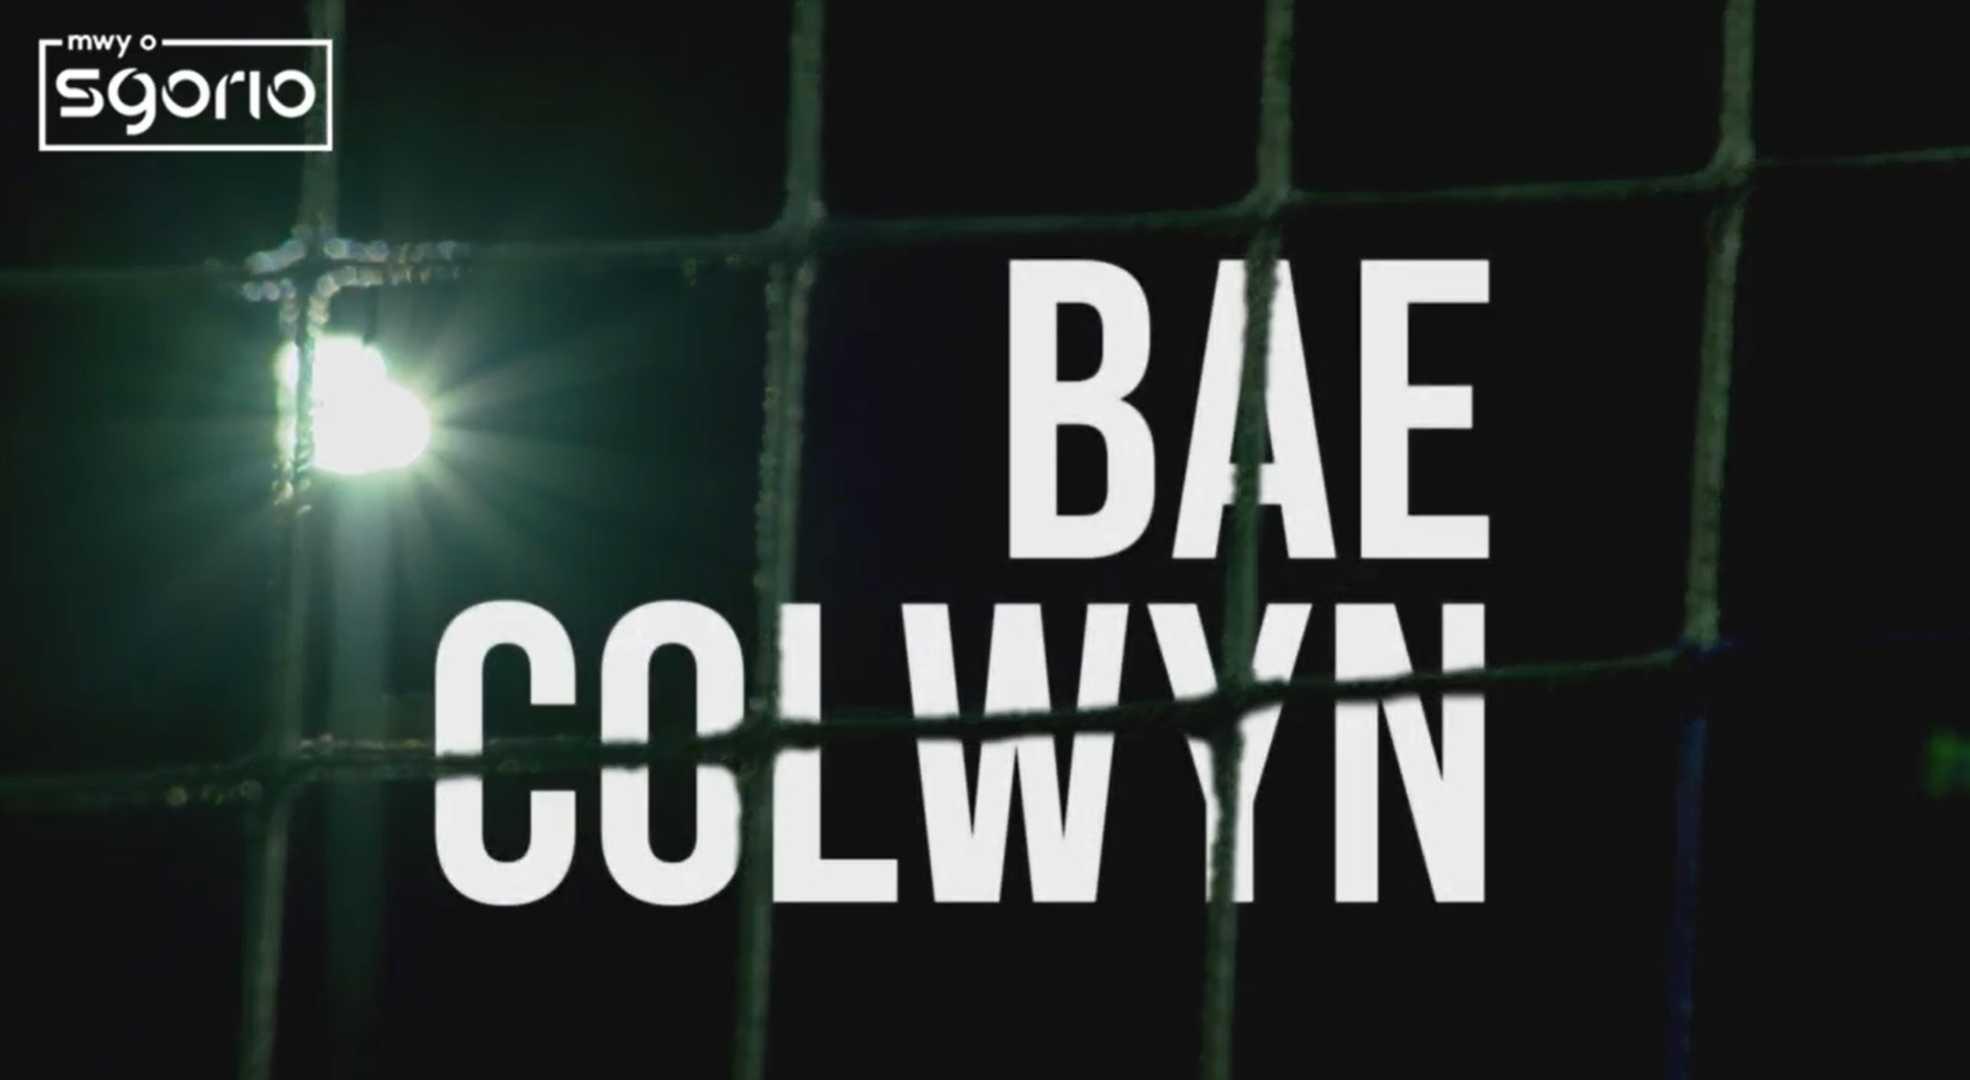 Bae Colwyn | Mwy o Sgorio